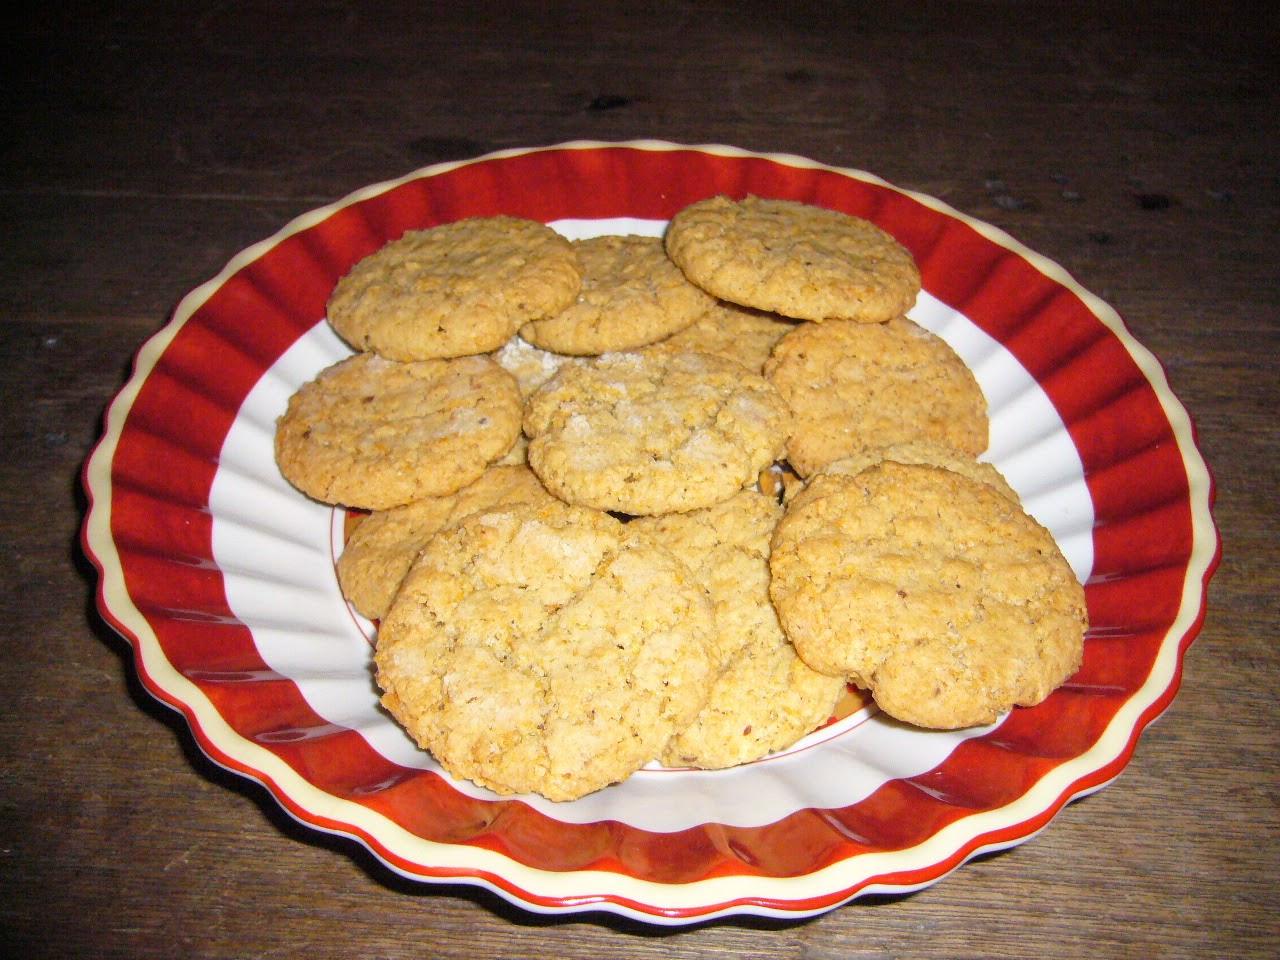 Galletas de avena con chocolate, frambuesa y coco